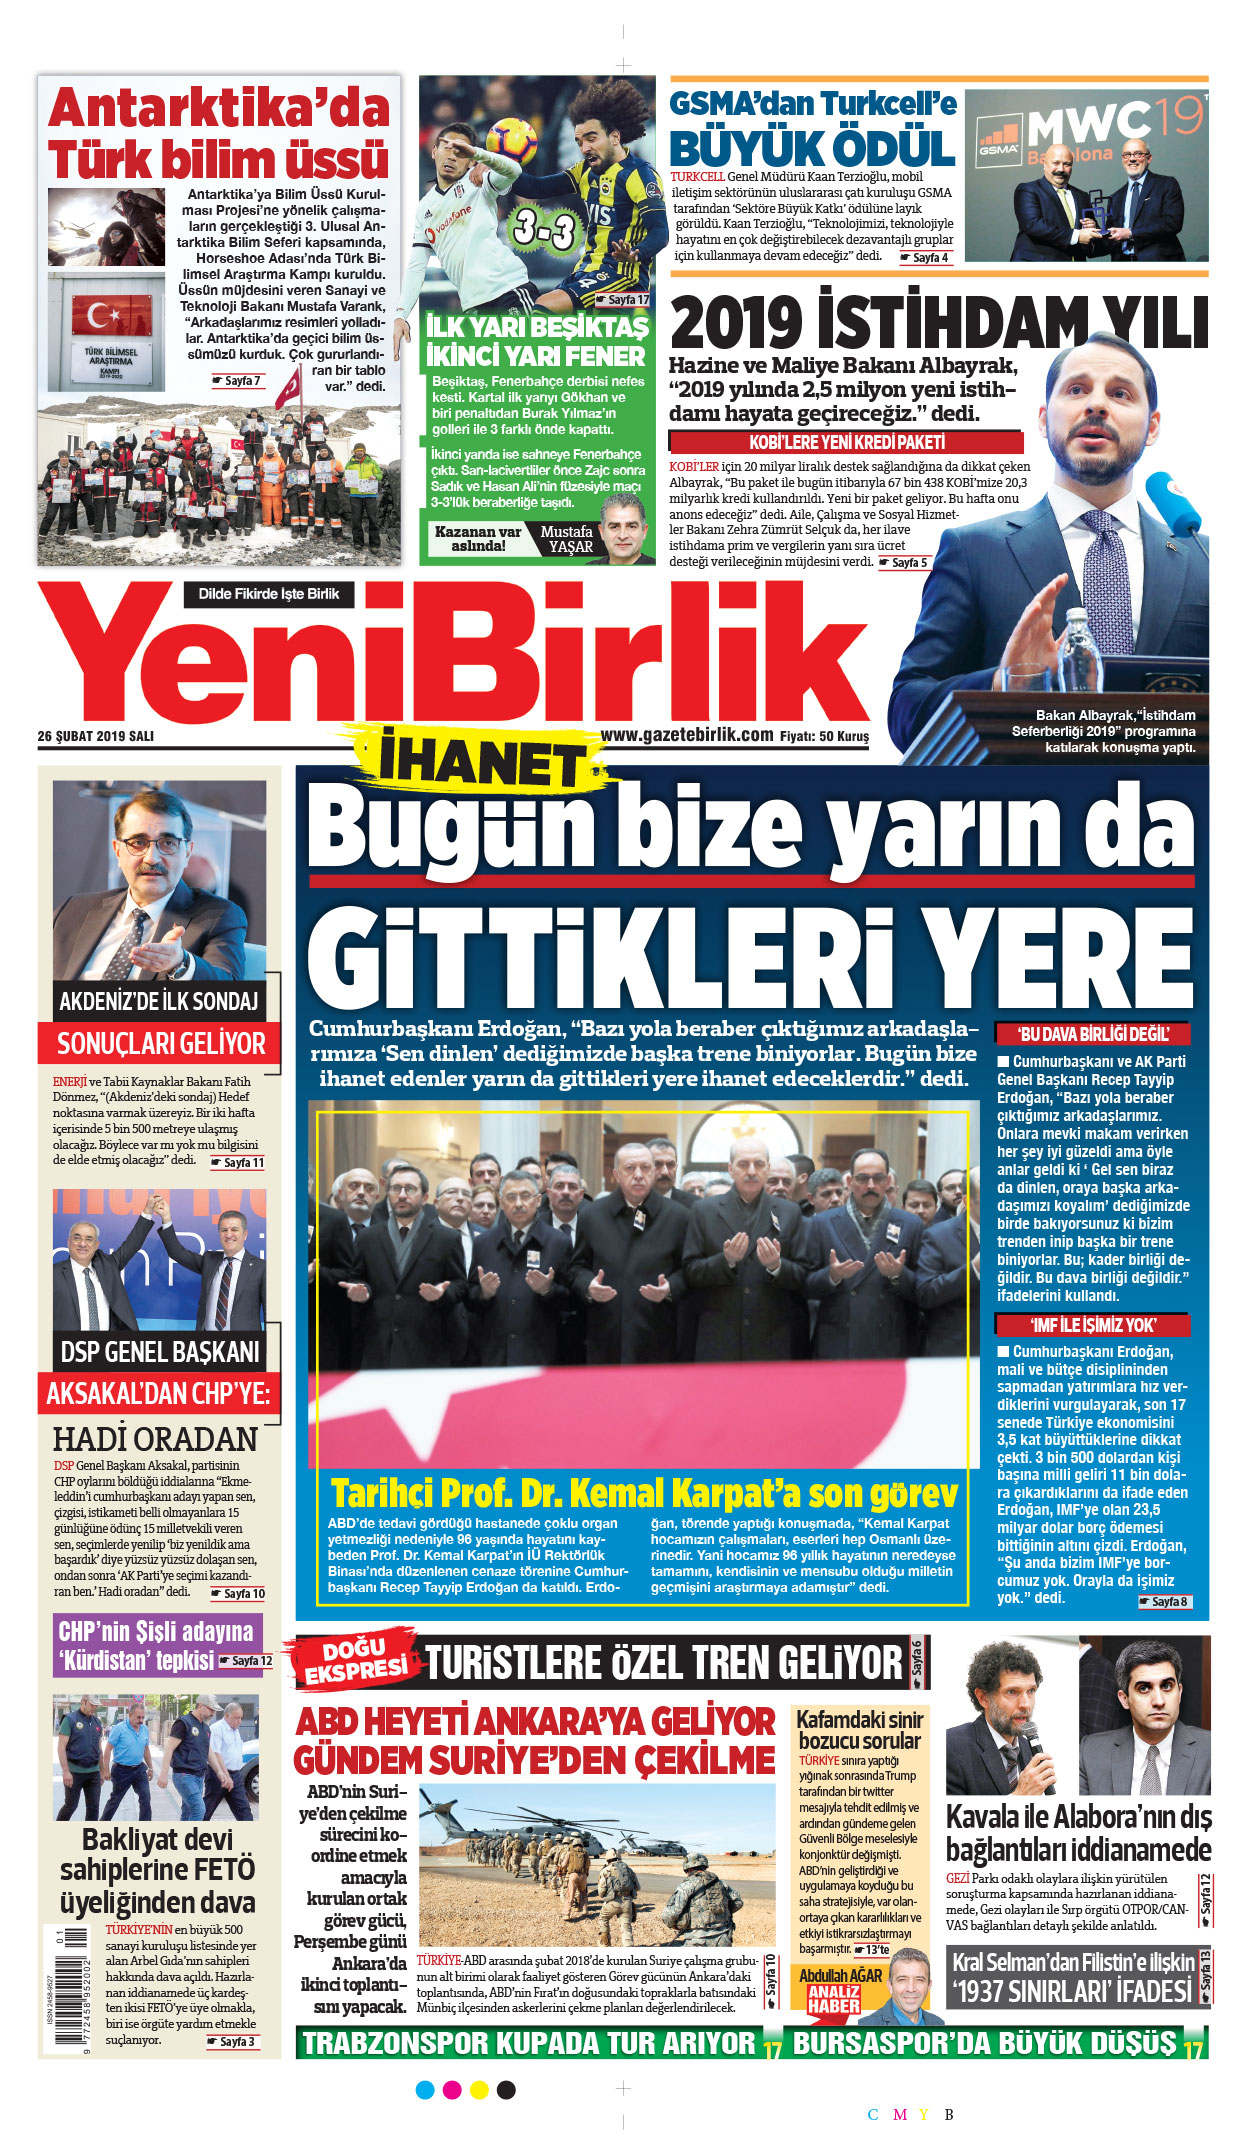 ABD-Türkiye Suriye Çalışma Grubu 3. Toplantısı yarın Ankarada 1